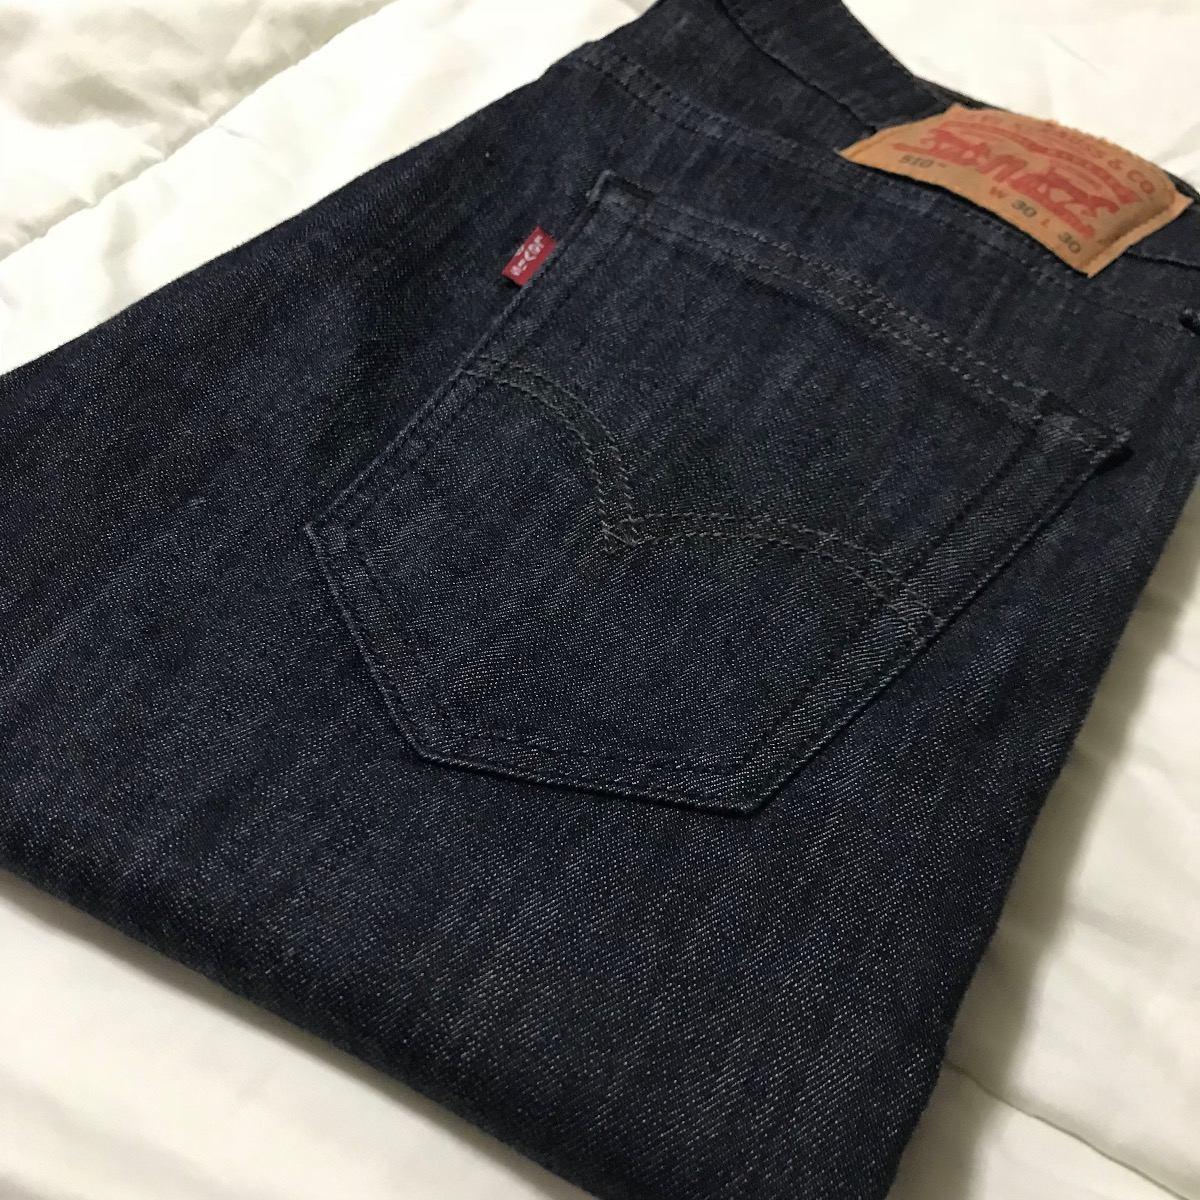 calça jeans masculina 510 skinny slim stretch levis original. Carregando  zoom. 573e36d3e9